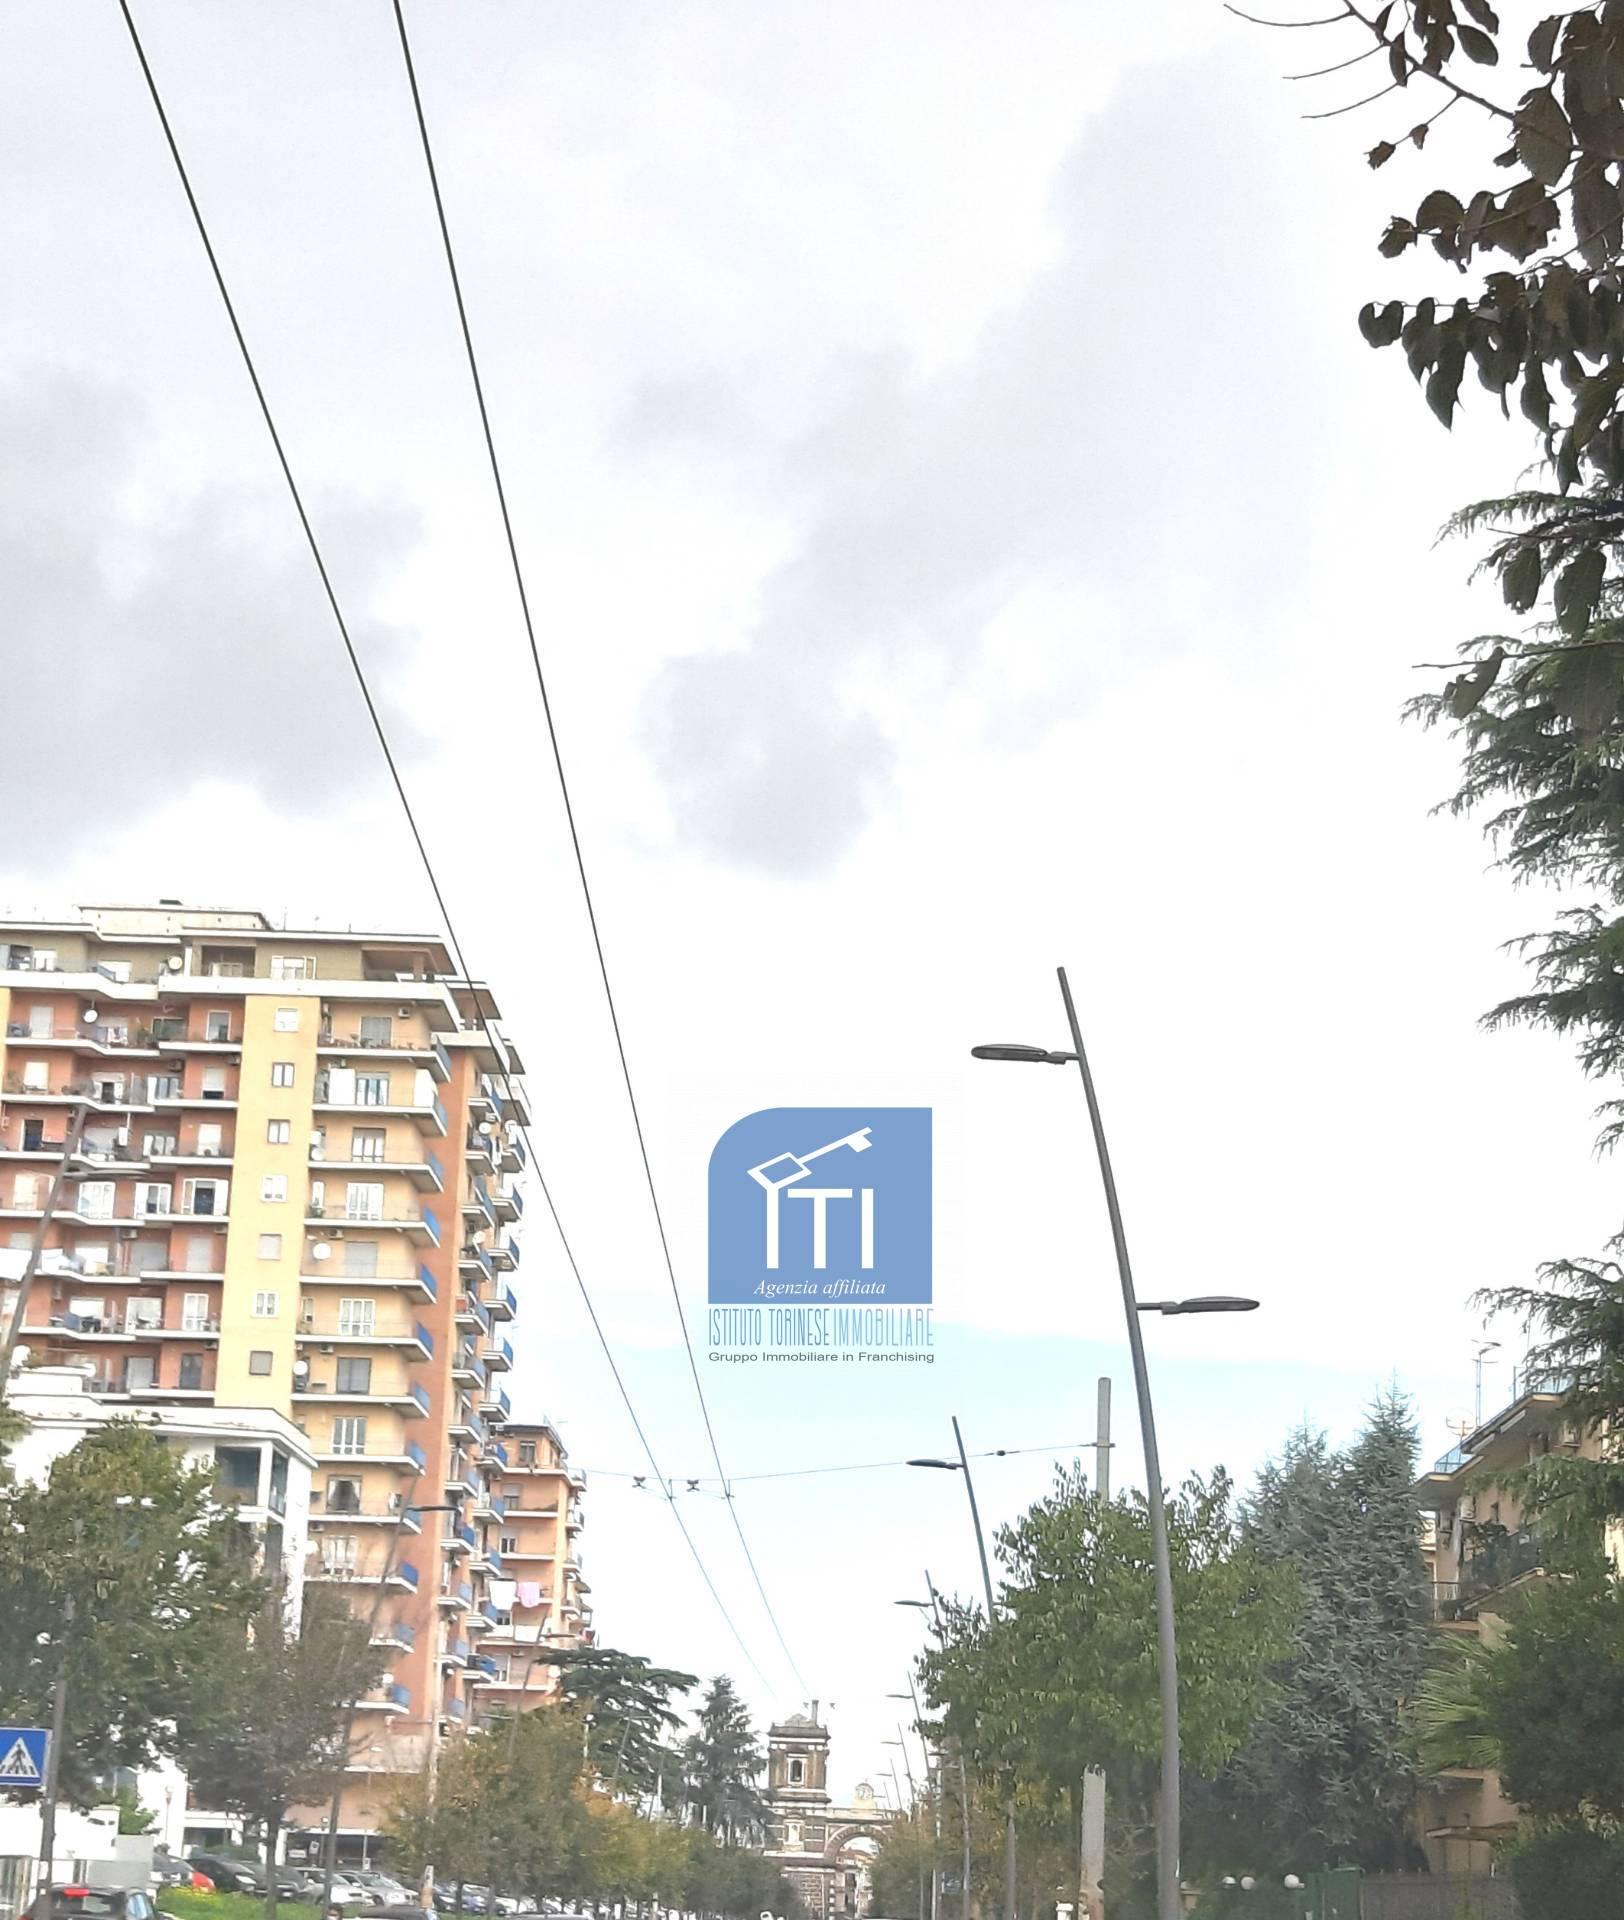 Appartamento in vendita a Aversa, 7 locali, zona Località: Centro, prezzo € 330.000 | CambioCasa.it